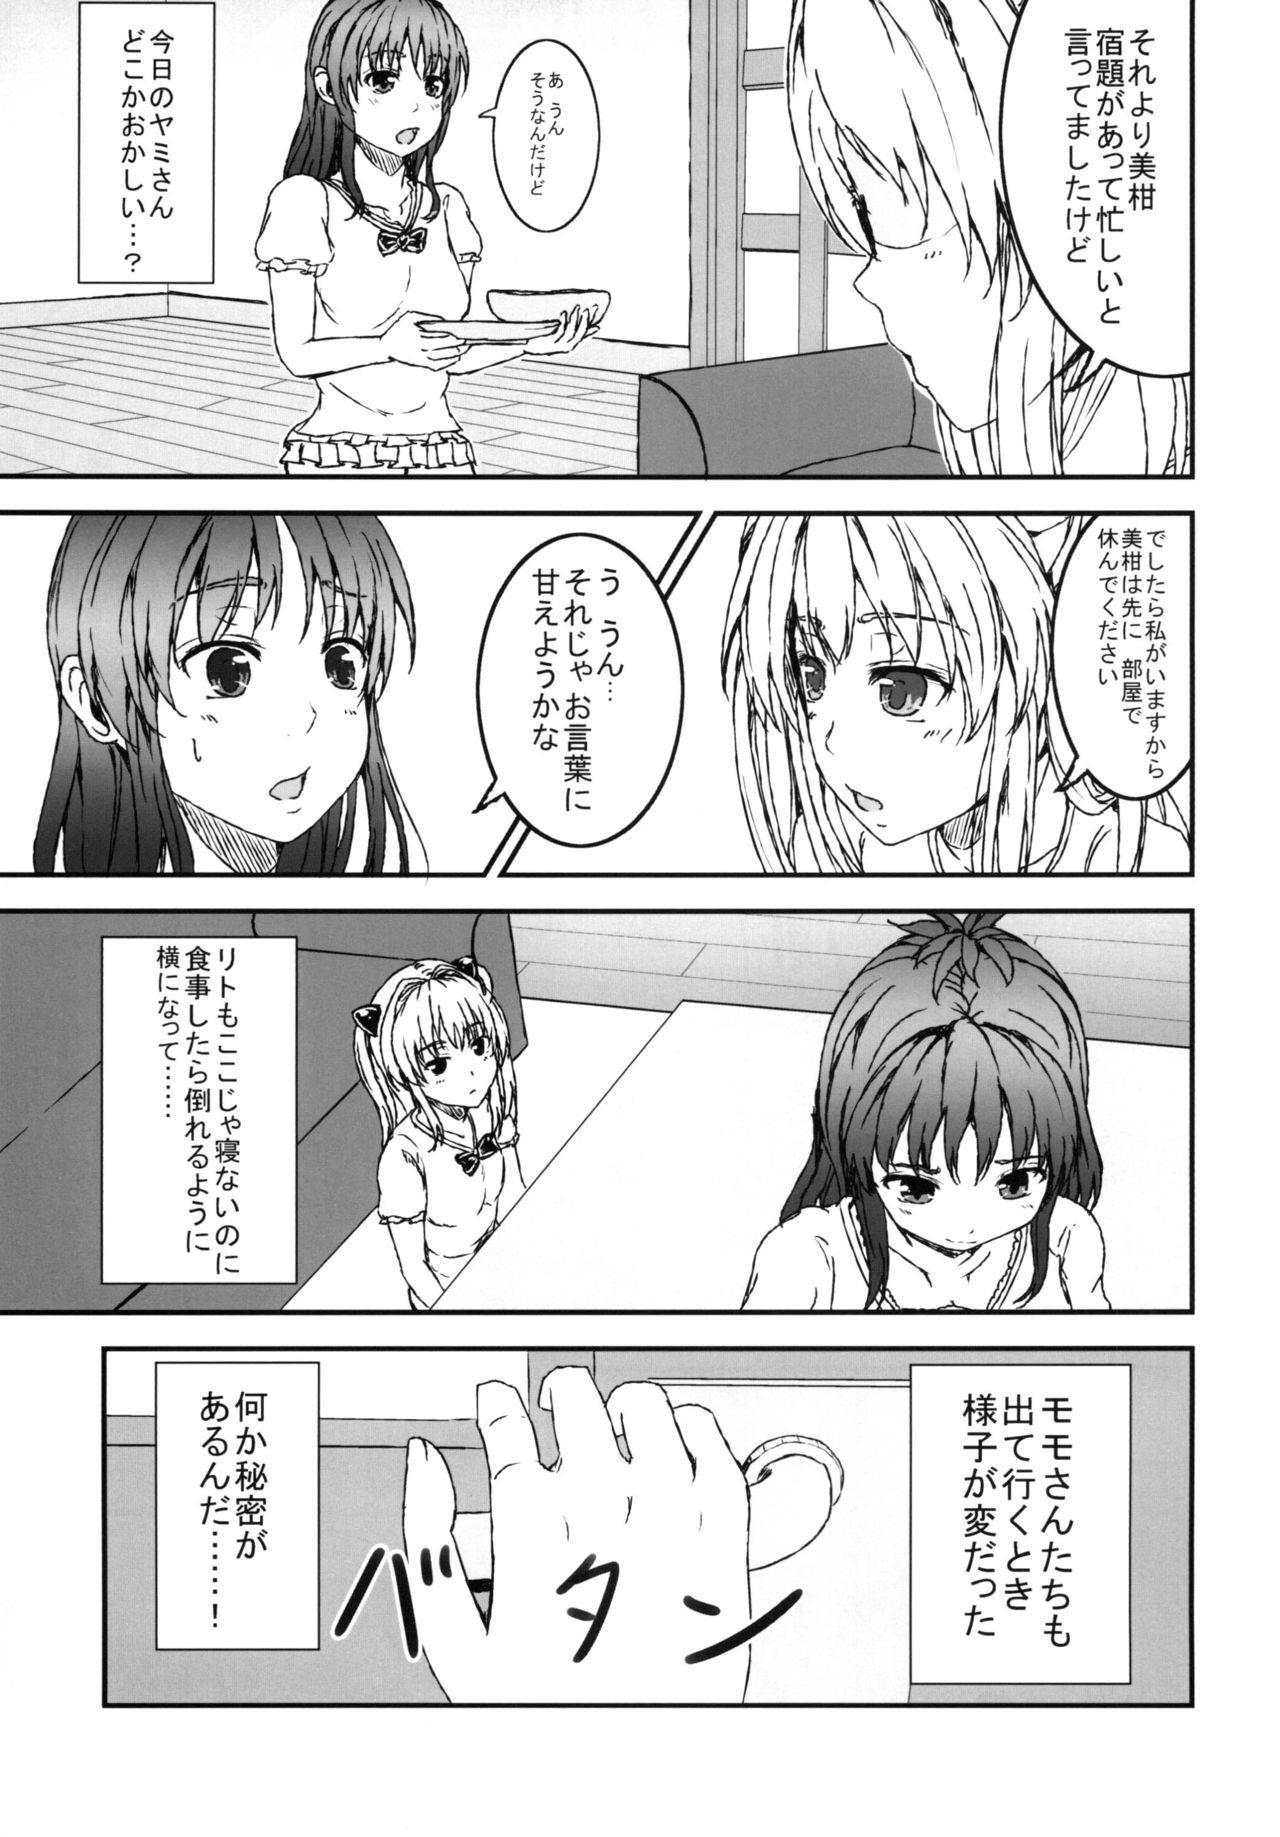 Yami ToLOVEru to Mikan ga Shitto Suru 8